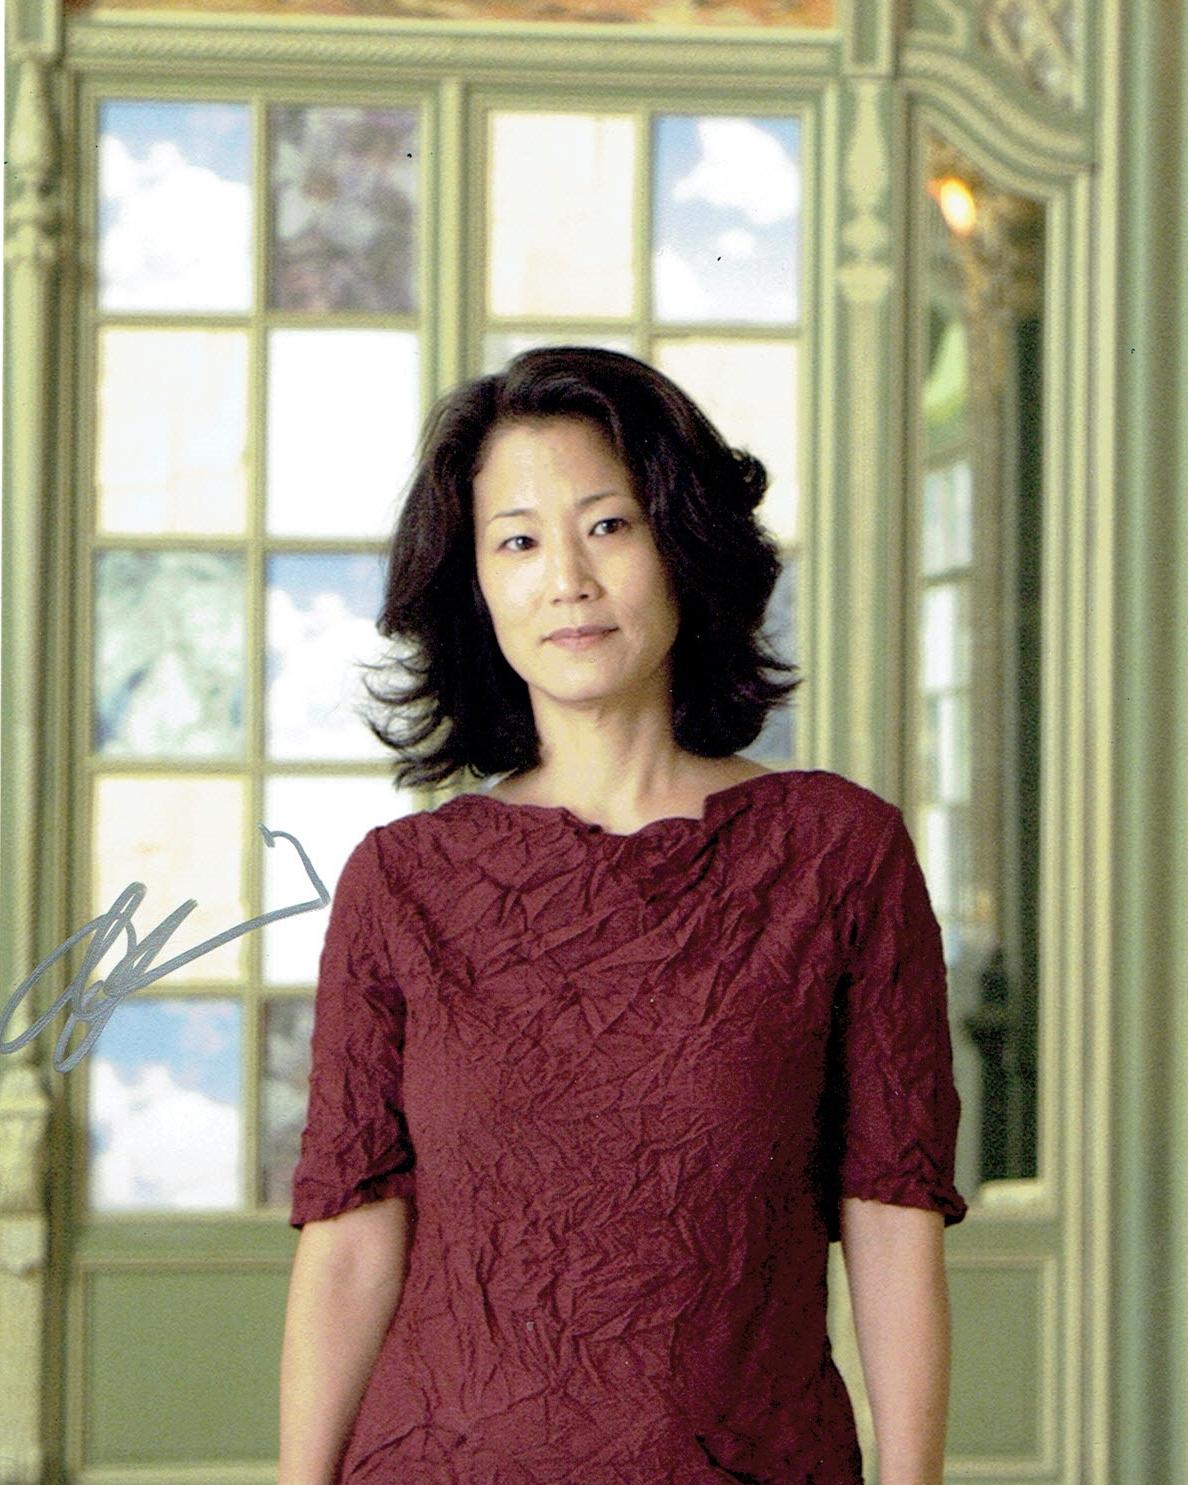 Jacqueline Kim Signed Photo